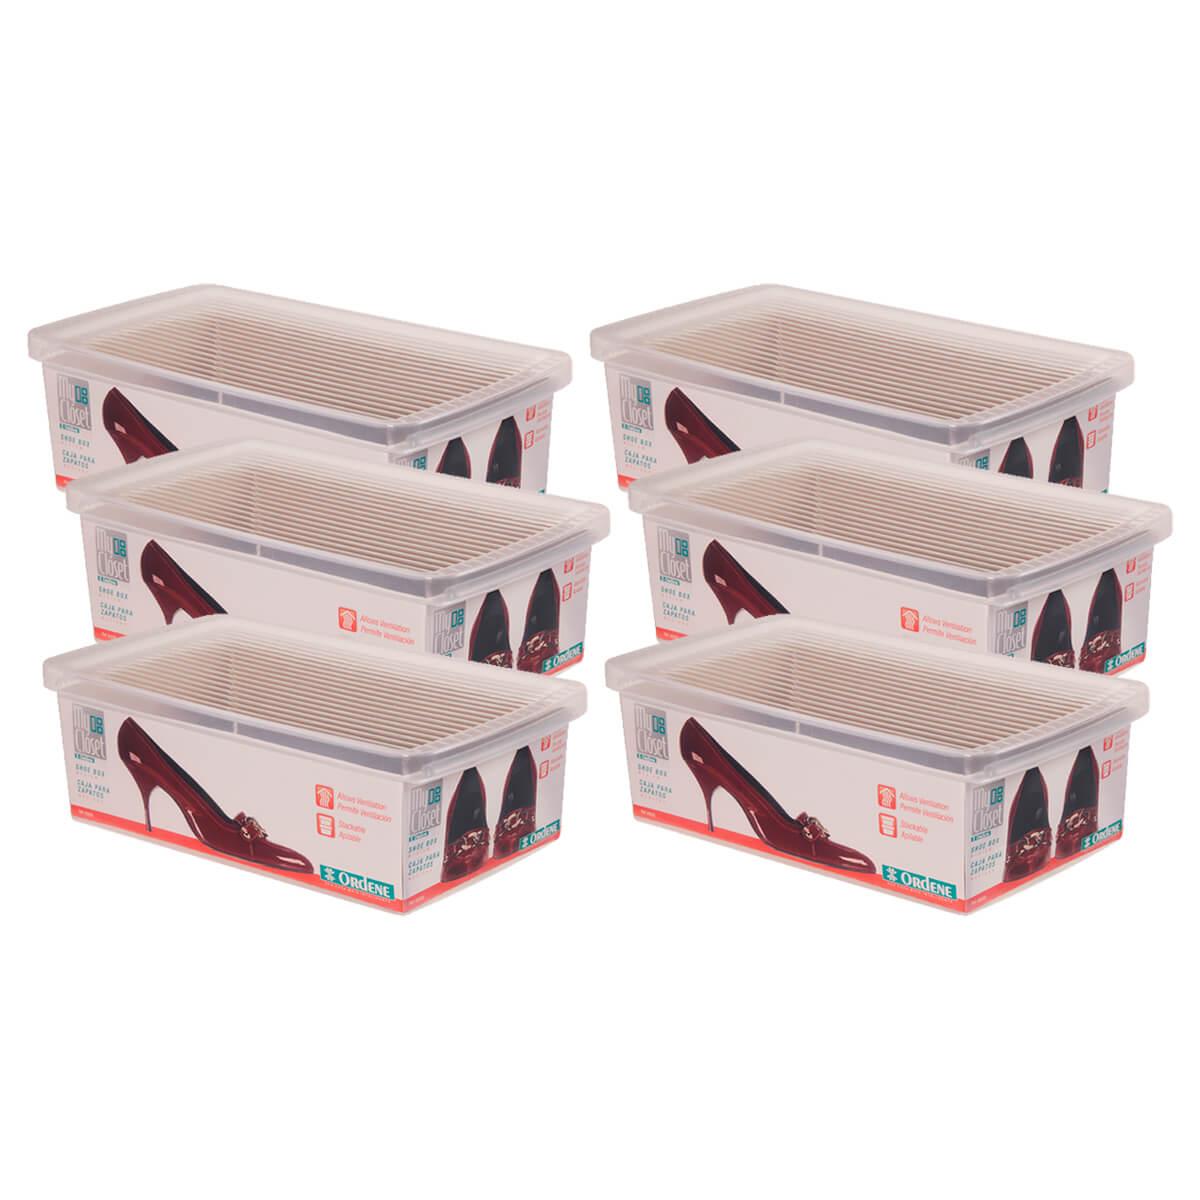 Caixa Organizadora Para Sapatos Média Leve 6 e Pague 5 Ordene